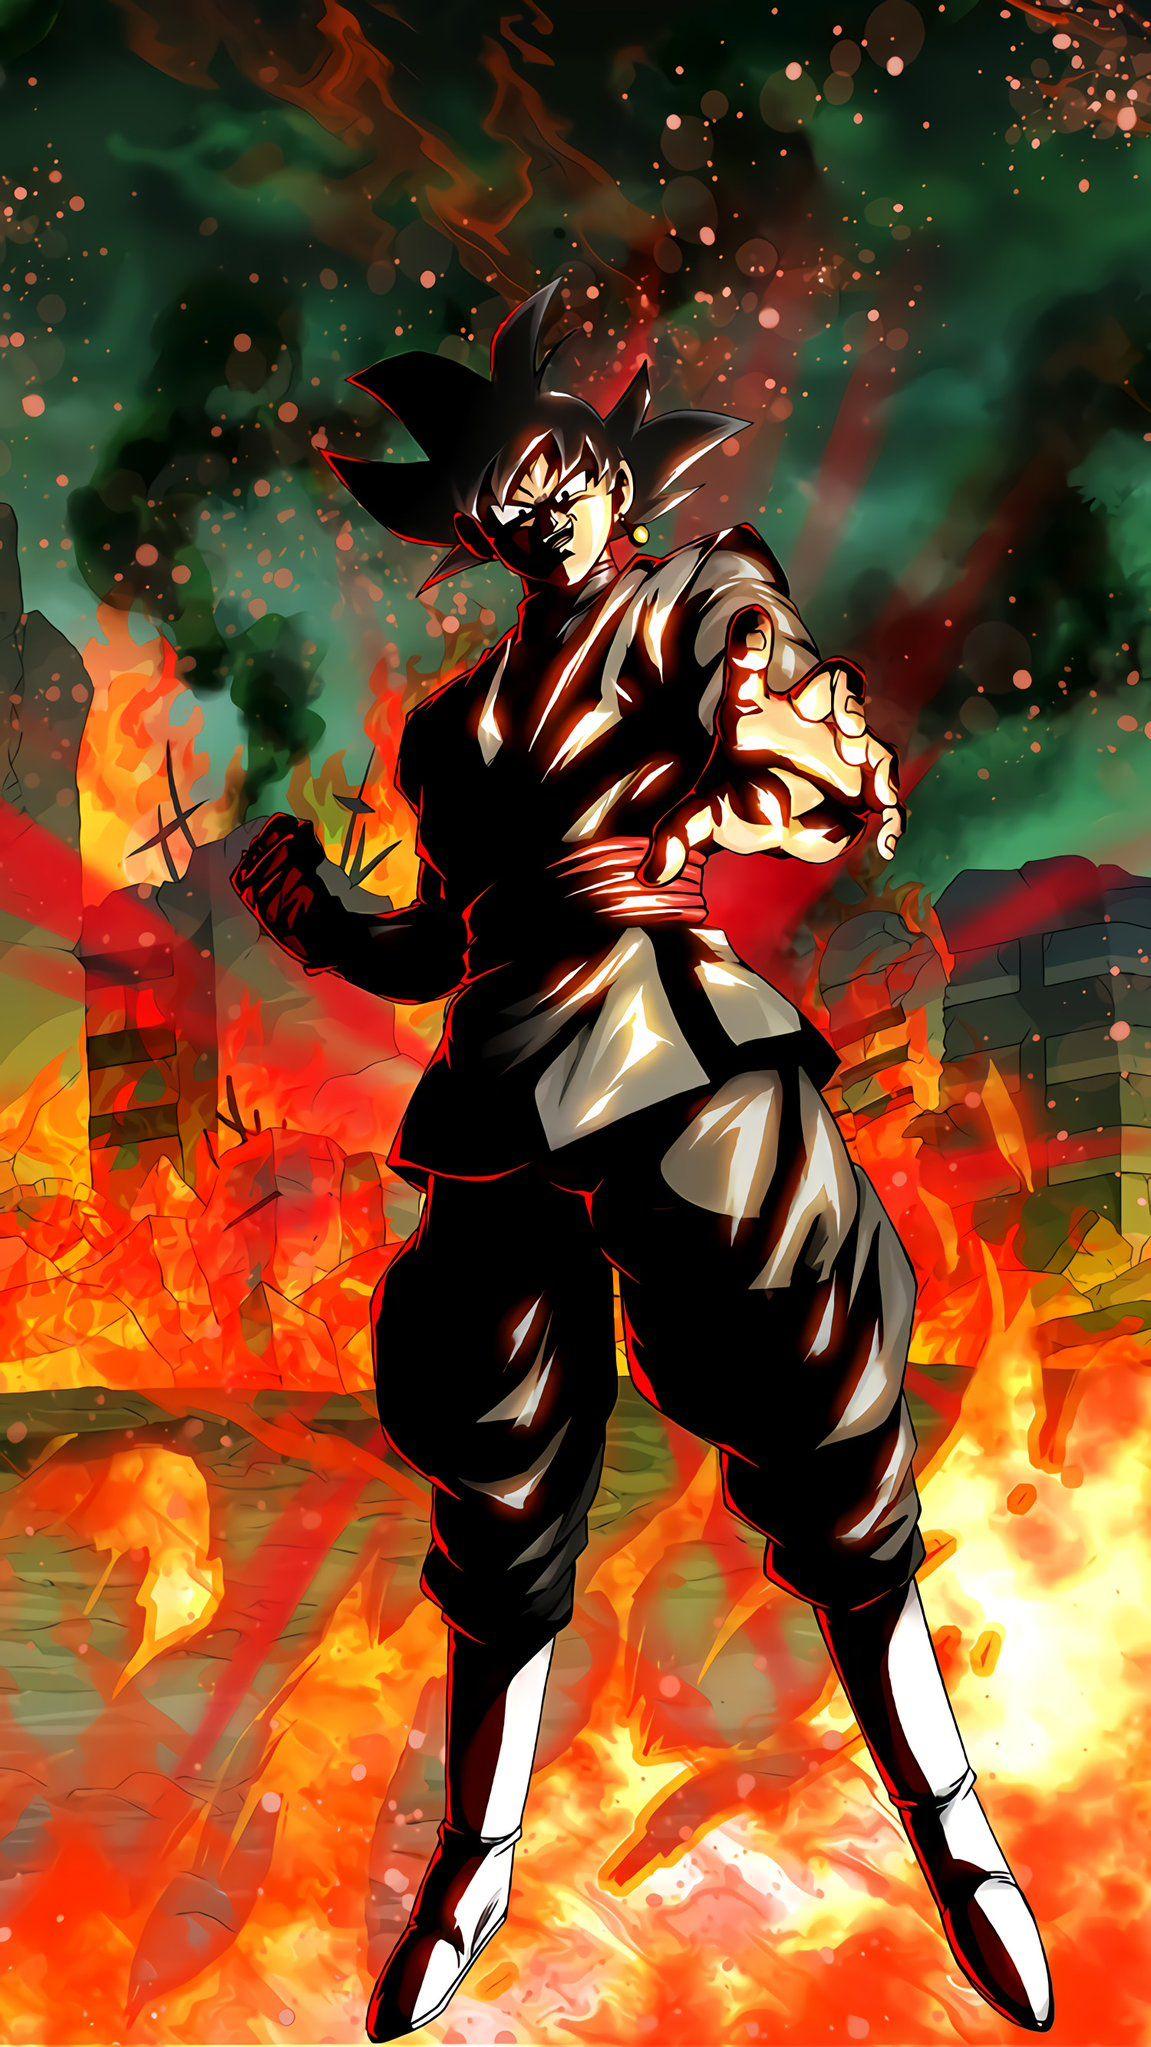 Black Goku Anime Dragon Ball Super Dragon Ball Wallpapers